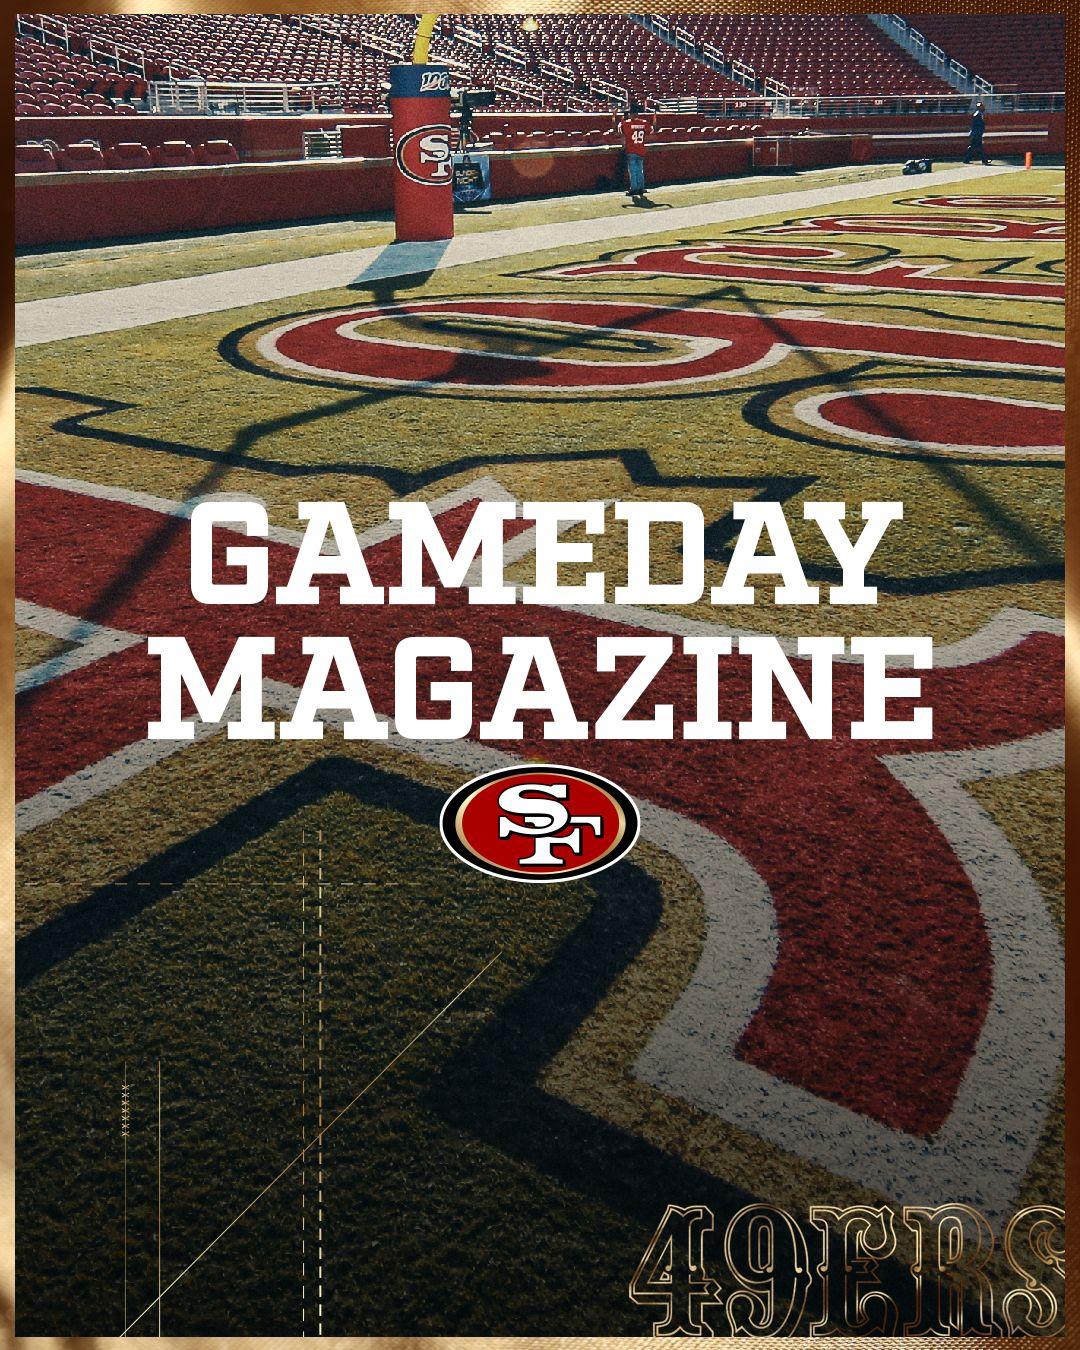 Gameday Homepage-Gameday Magazine-4x5